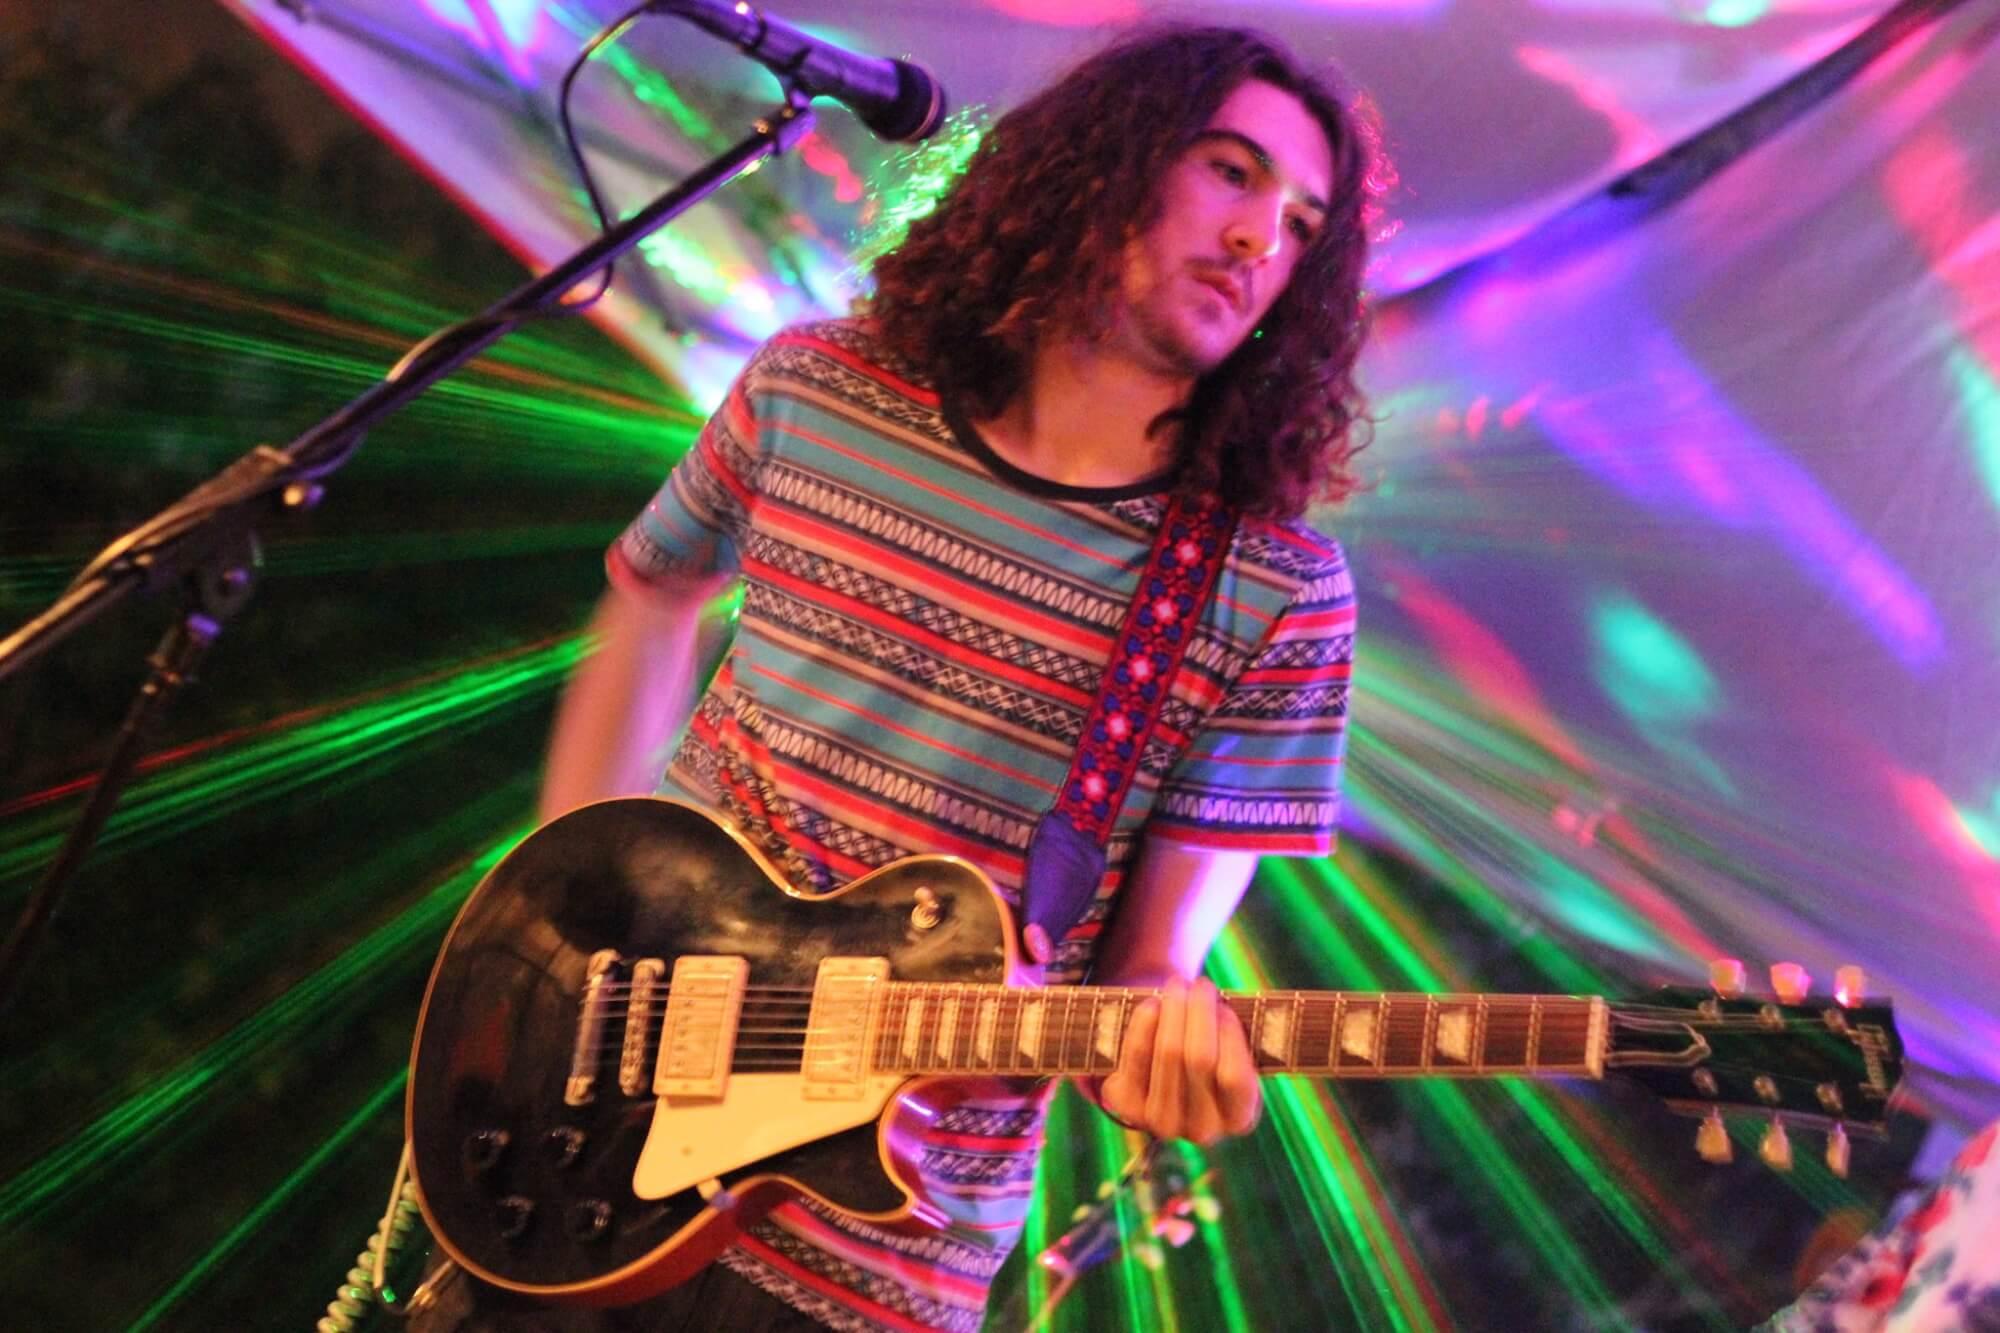 A recent School of Rock alumnus onstage.